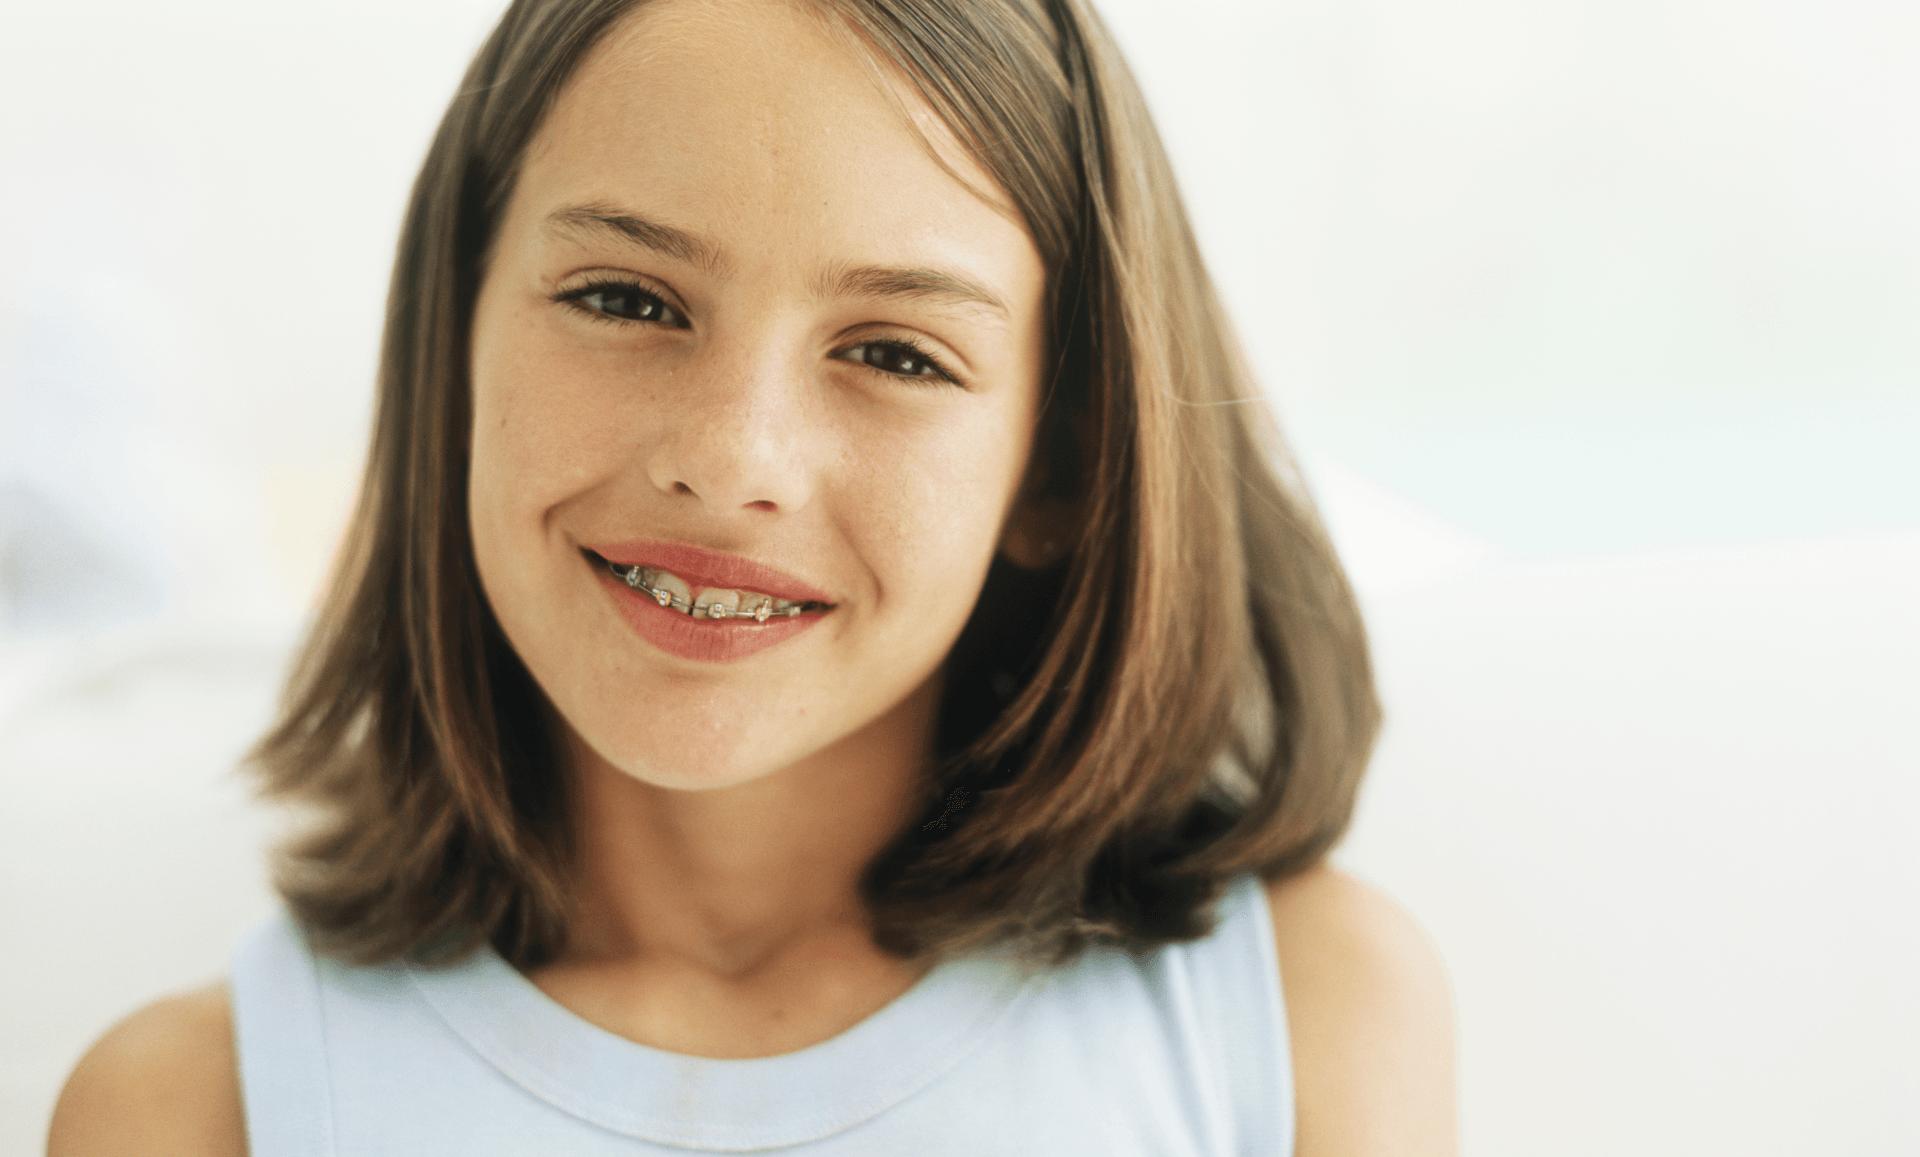 Wann muss mein Kind das erste Mal zum Kieferorthopäden?